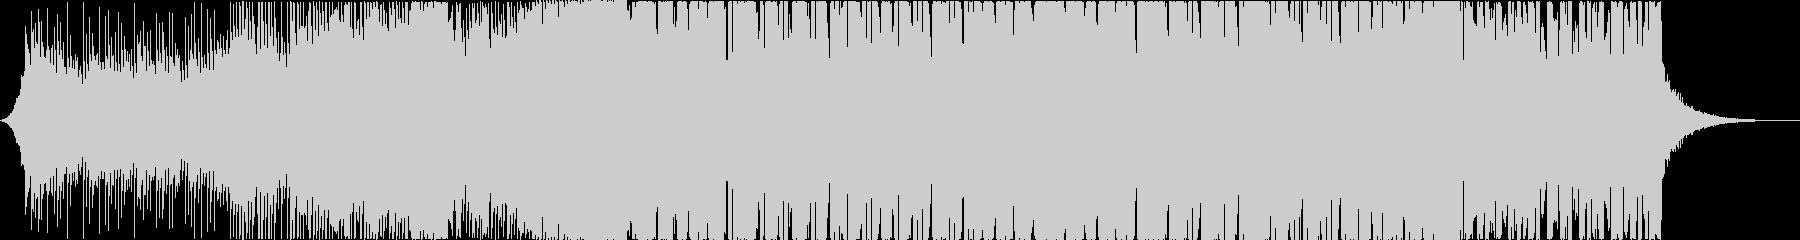 クール系エレクトロハウスの未再生の波形